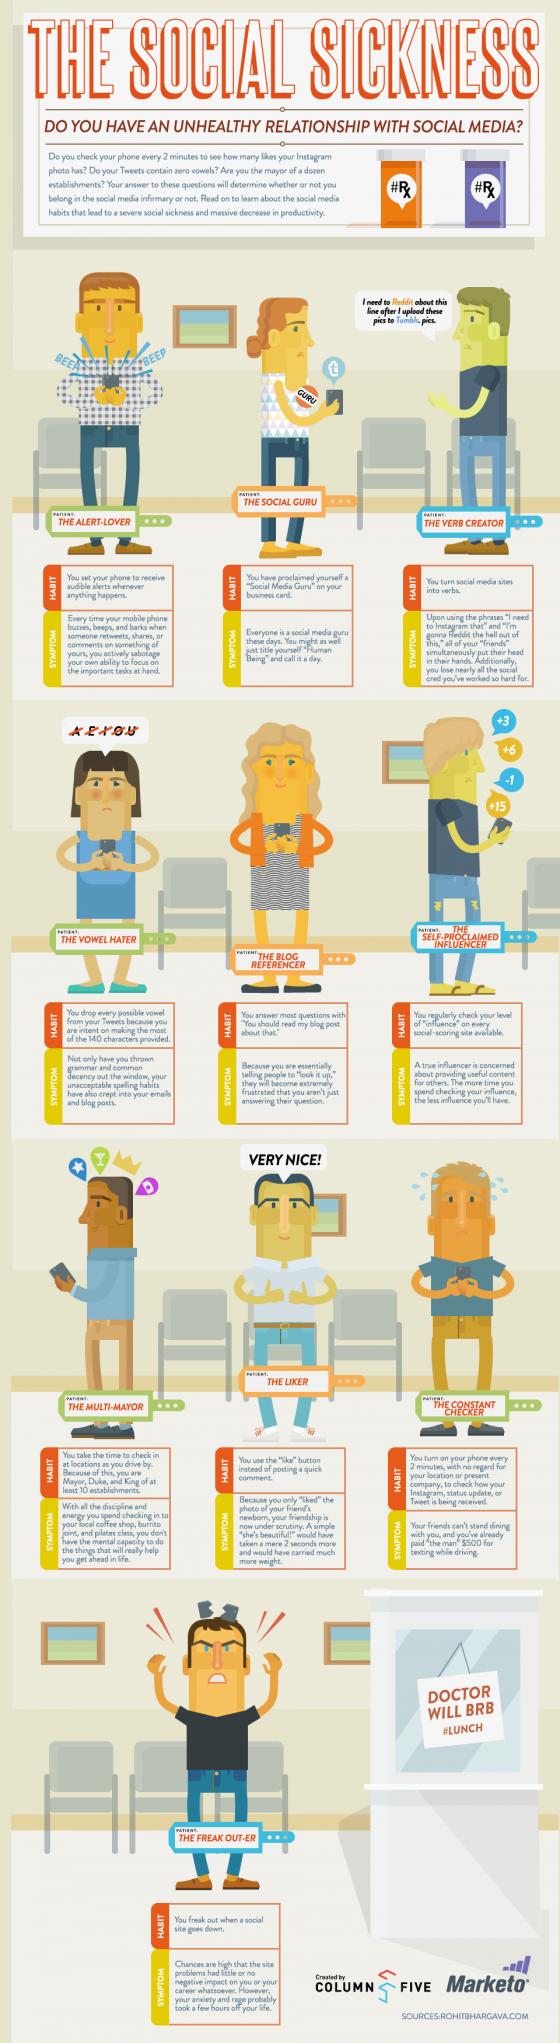 The Social Sickness Infografik. Source: blog.marketo.com · via lumma.de